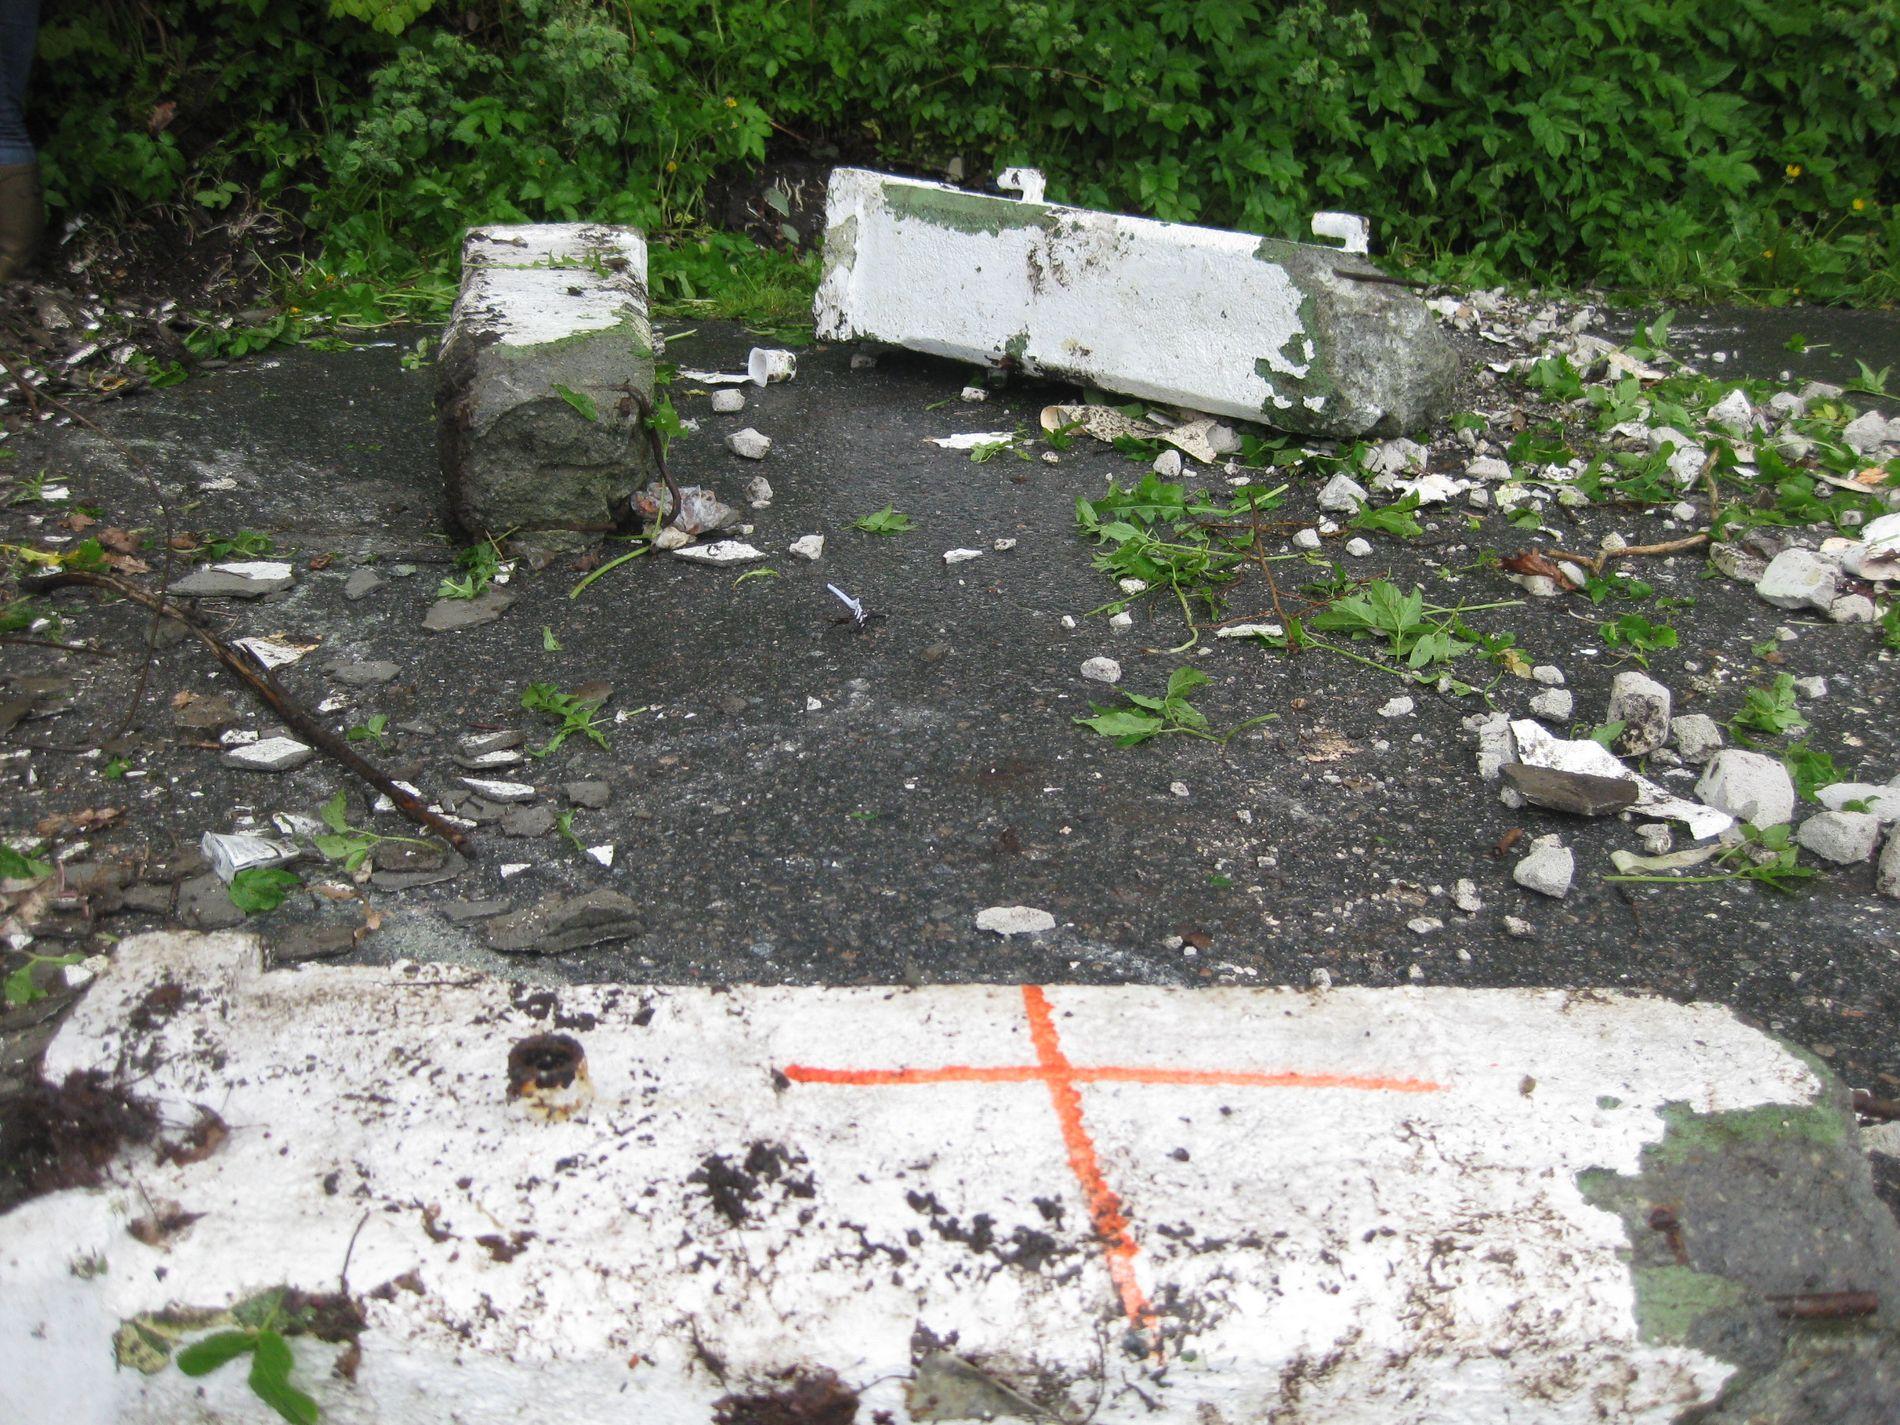 BETONG: Disse store betongsøylene lå slengt i grøftekanten ved kaien i Melkeviken.